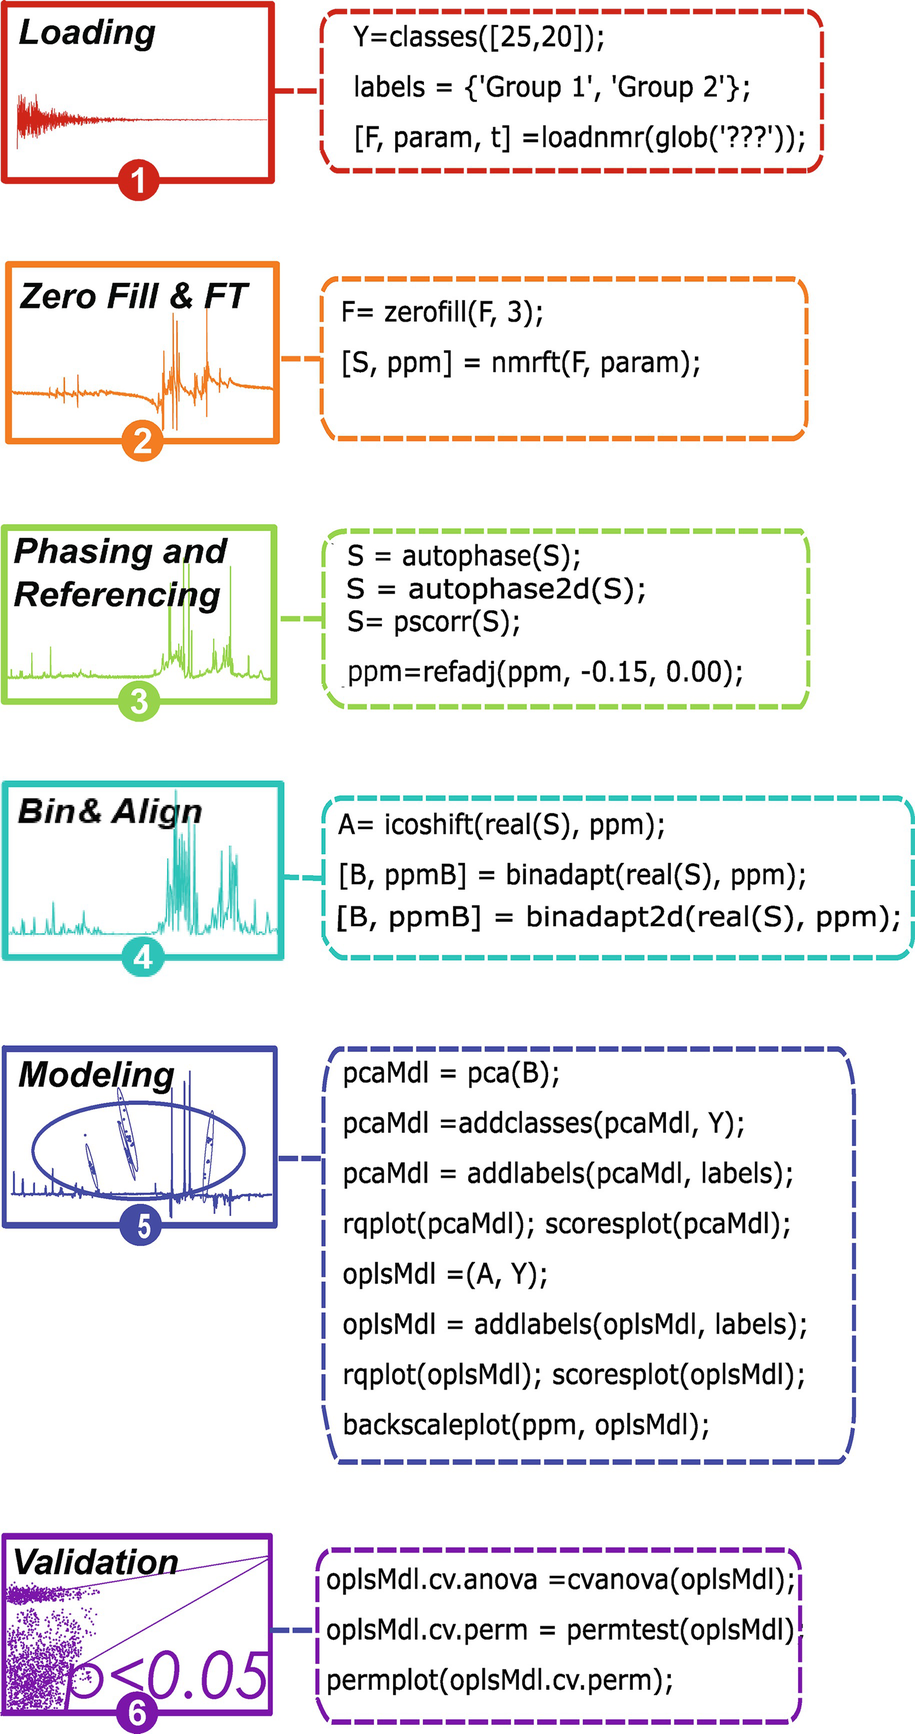 NMR Metabolomics Protocols for Drug Discovery   SpringerLink